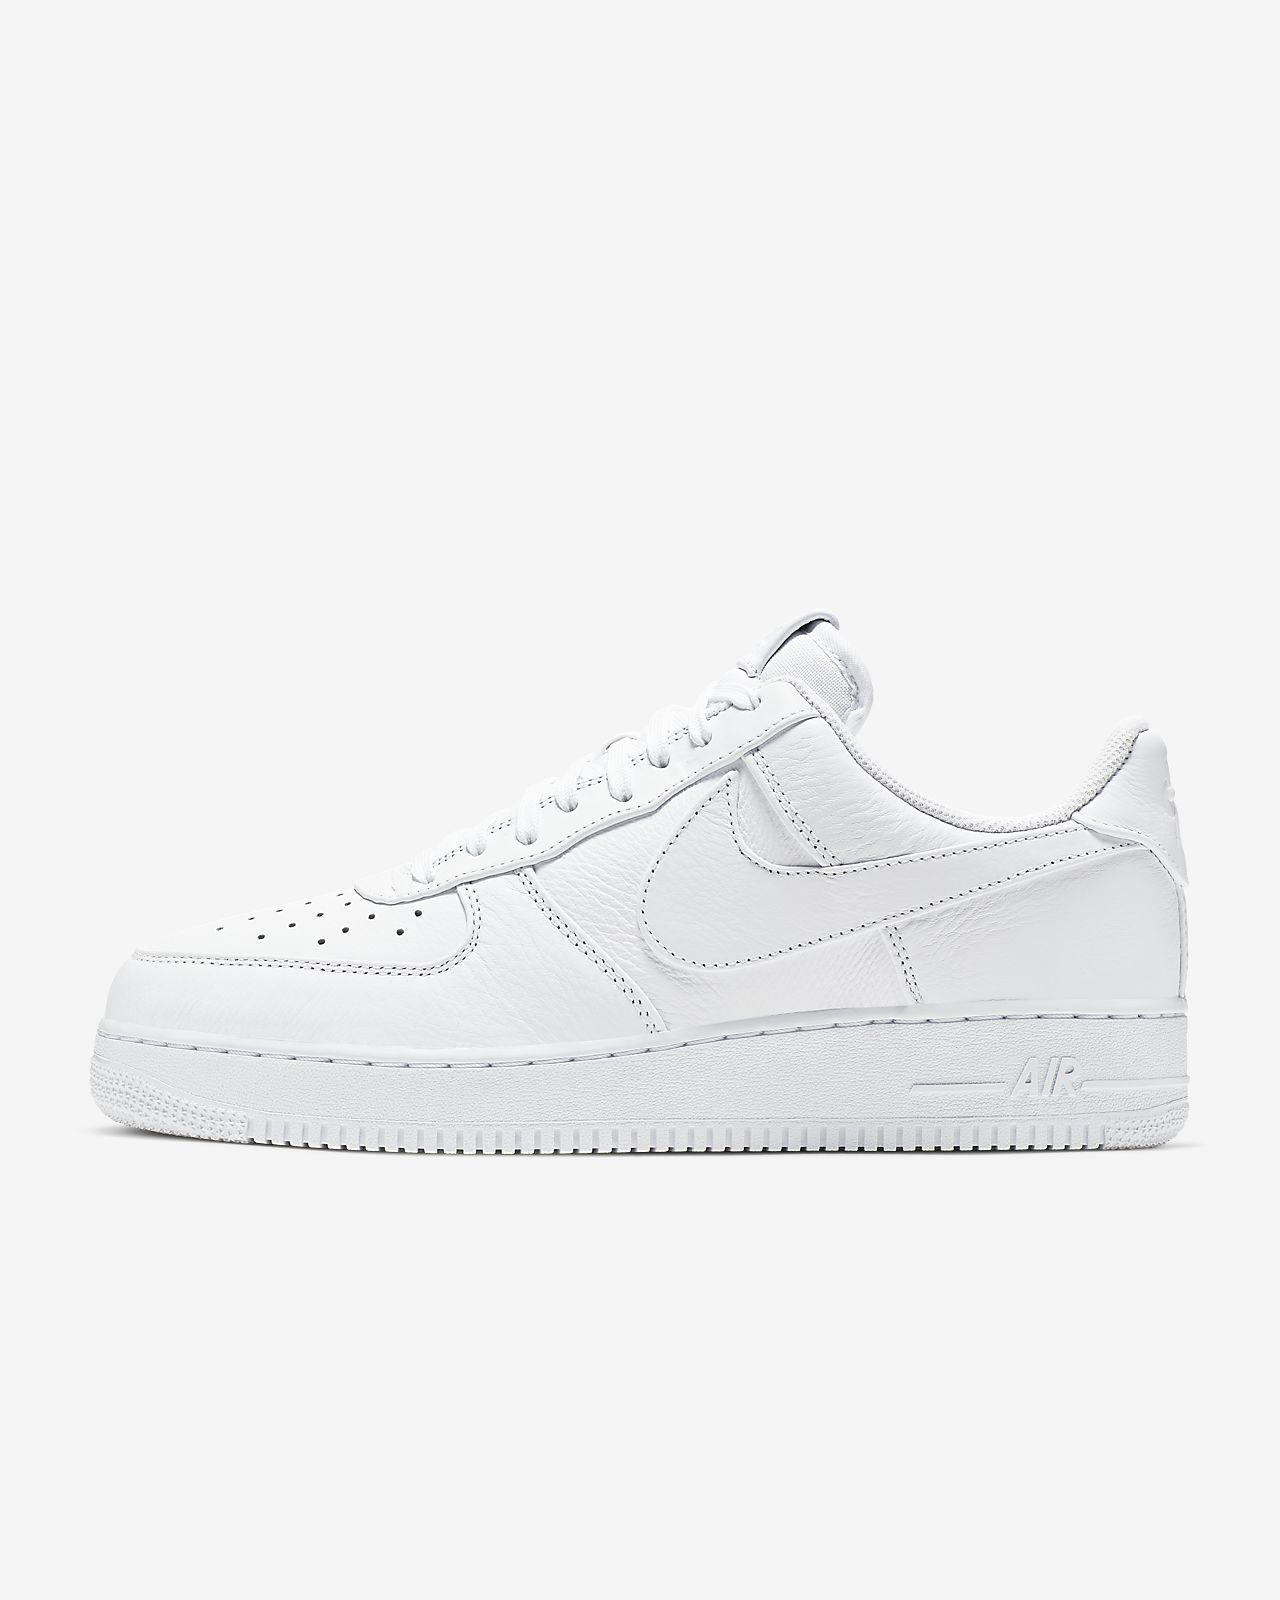 รองเท้าผู้ชาย Nike Air Force 1 '07 Premium 2